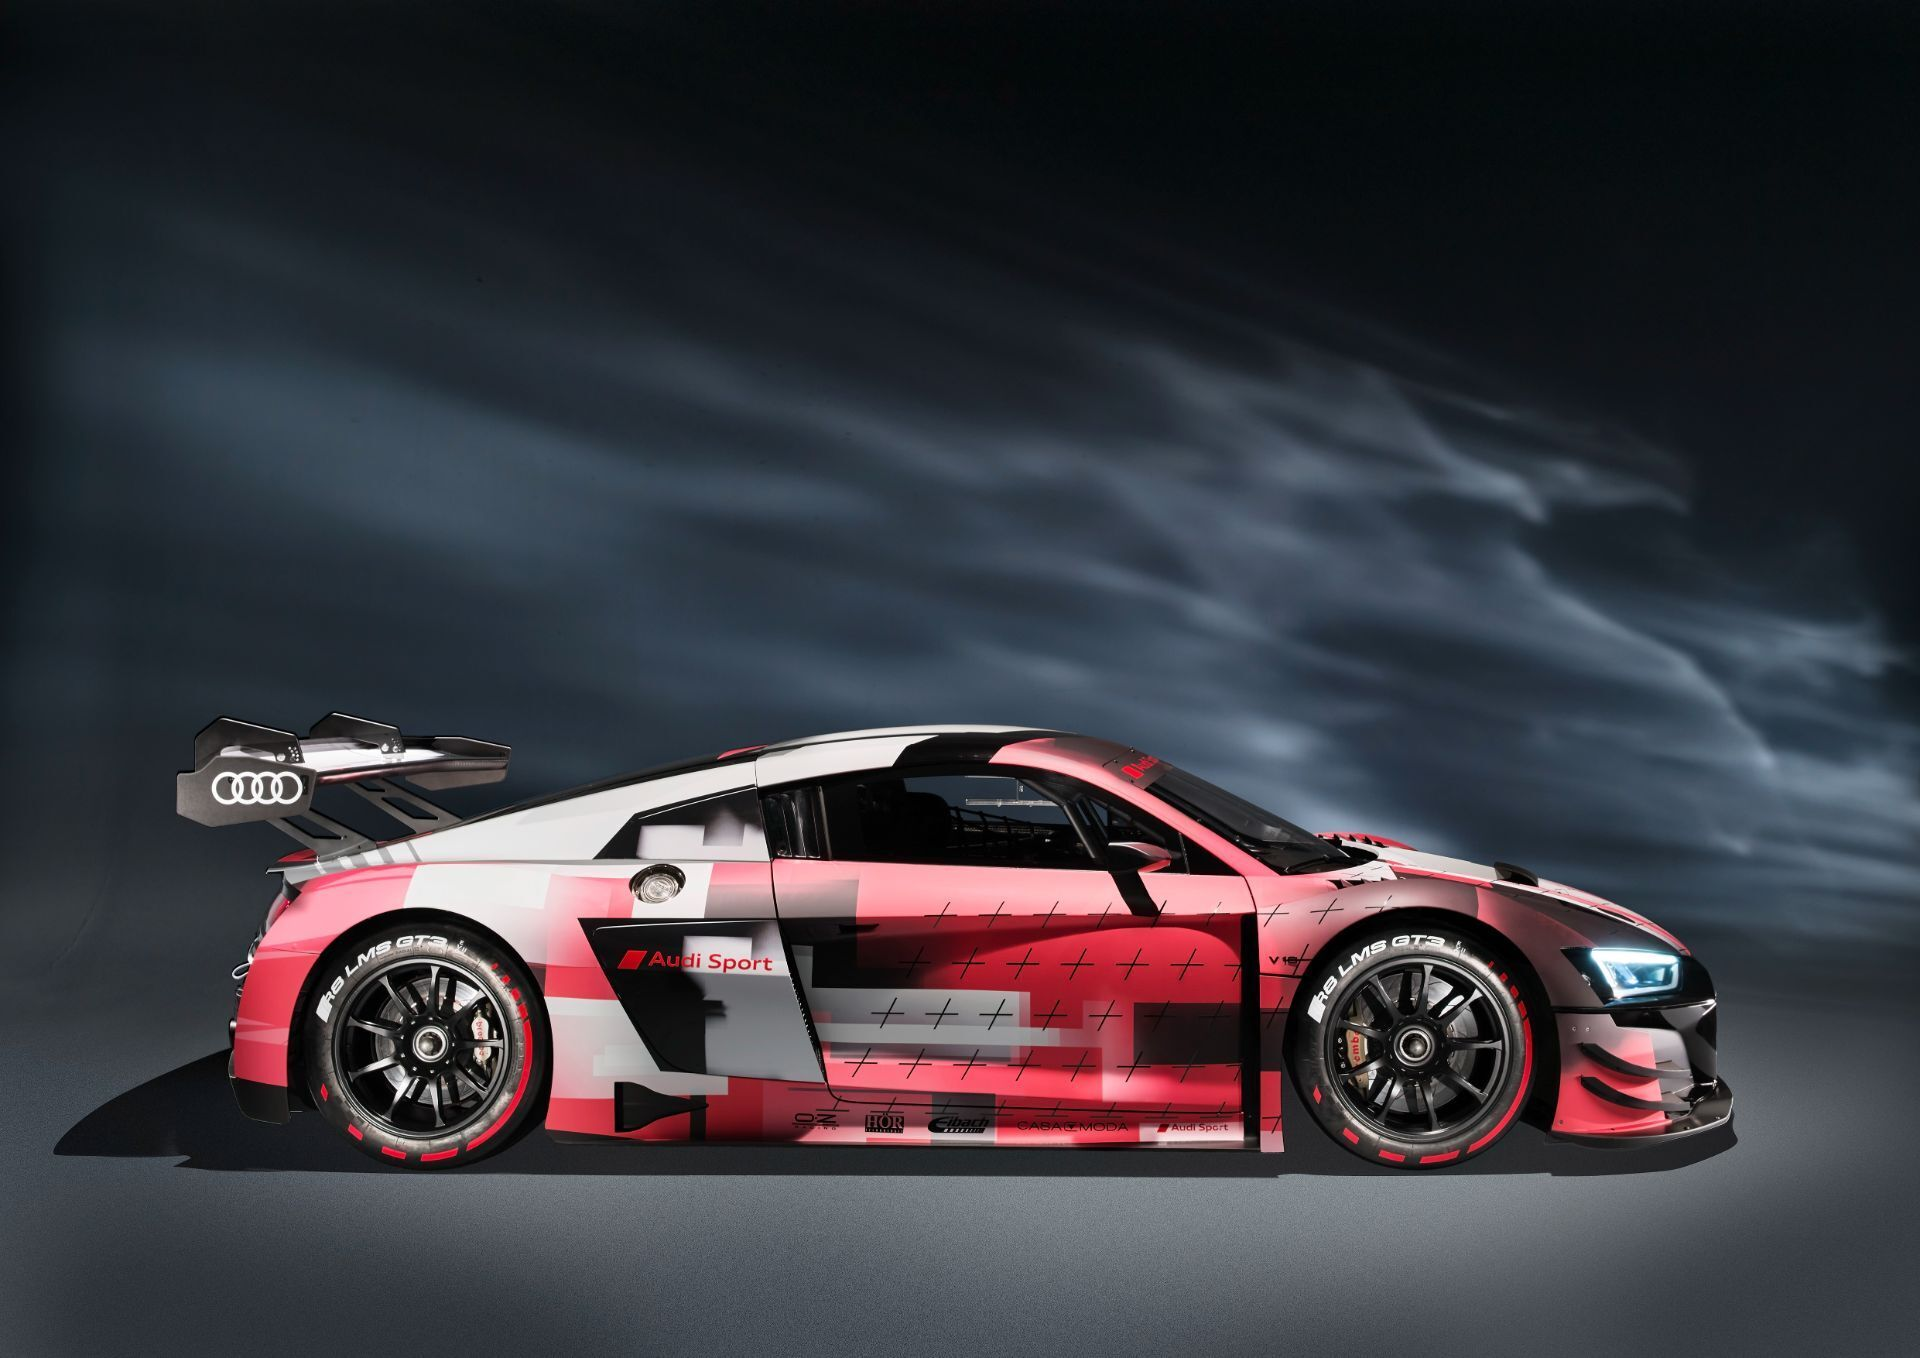 Новинка стала дальнейшей эволюцией модели R8 LMS GT3, дебютировавшей в 2015 году и модернизированной в 2018-м